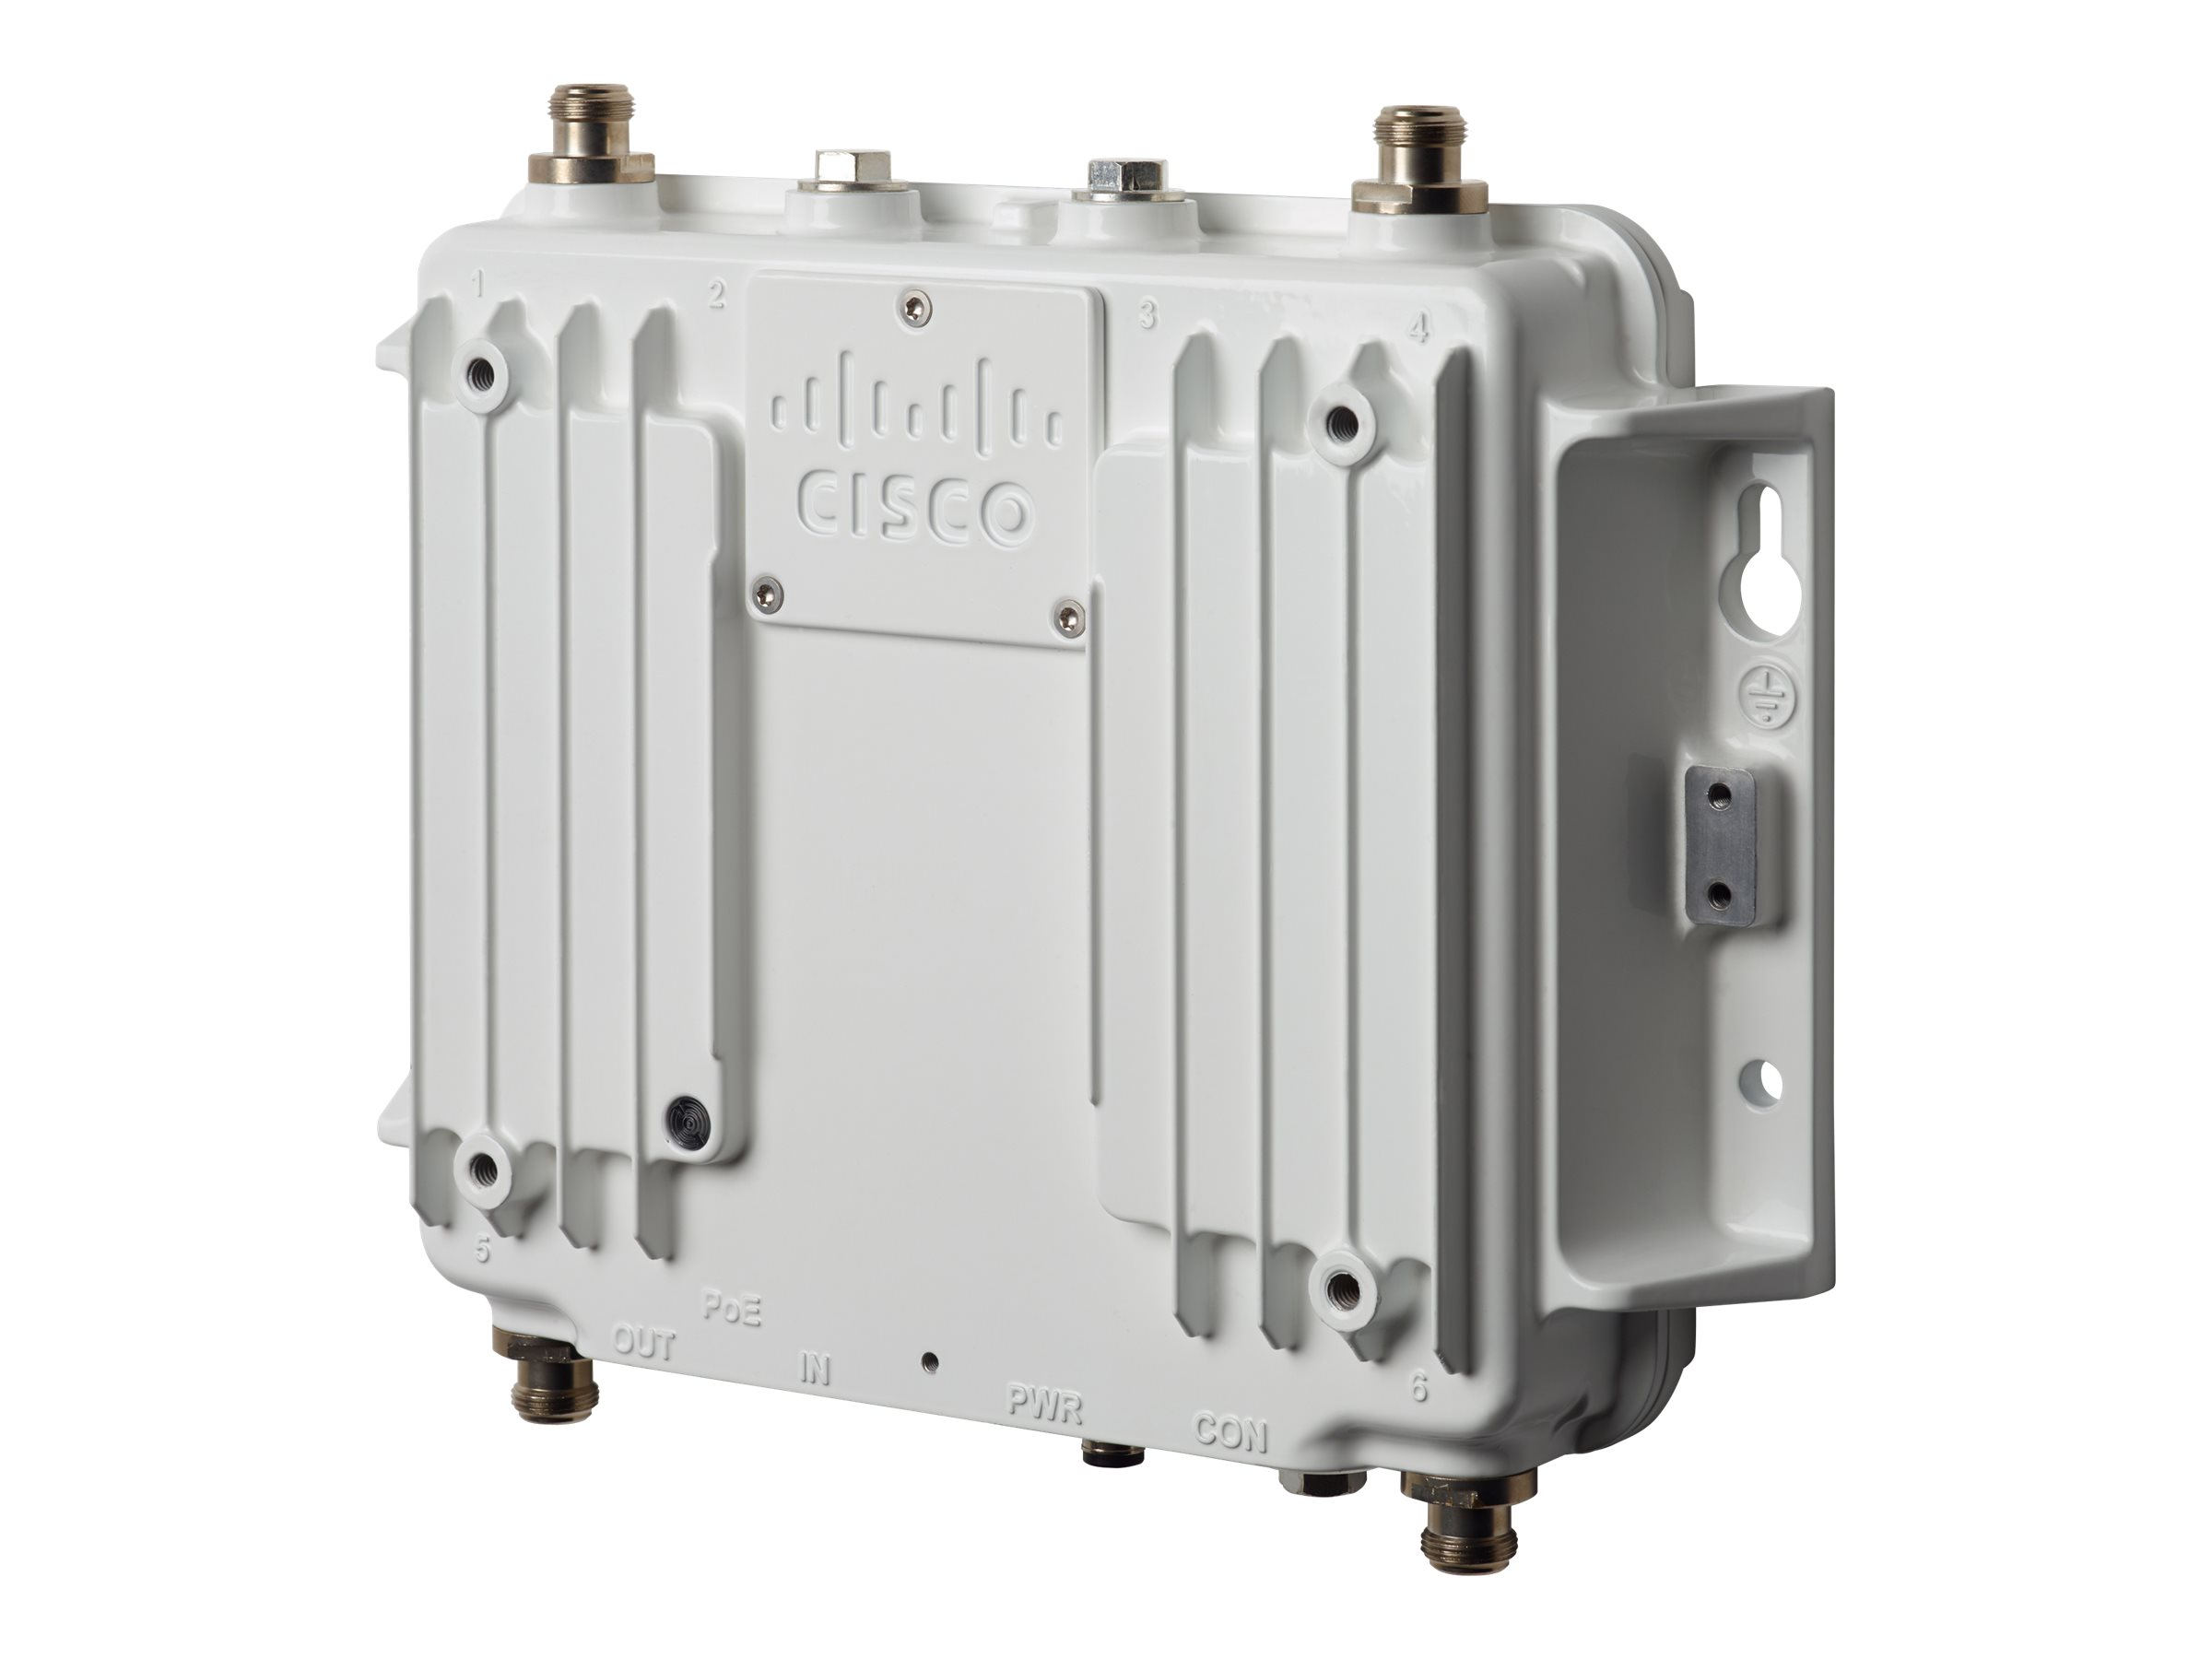 Cisco Industrial Wireless 3700 Series - Funkbasisstation - 802.11ac (draft 5.0) - Wi-Fi - 2.4 GHz, 5 GHz